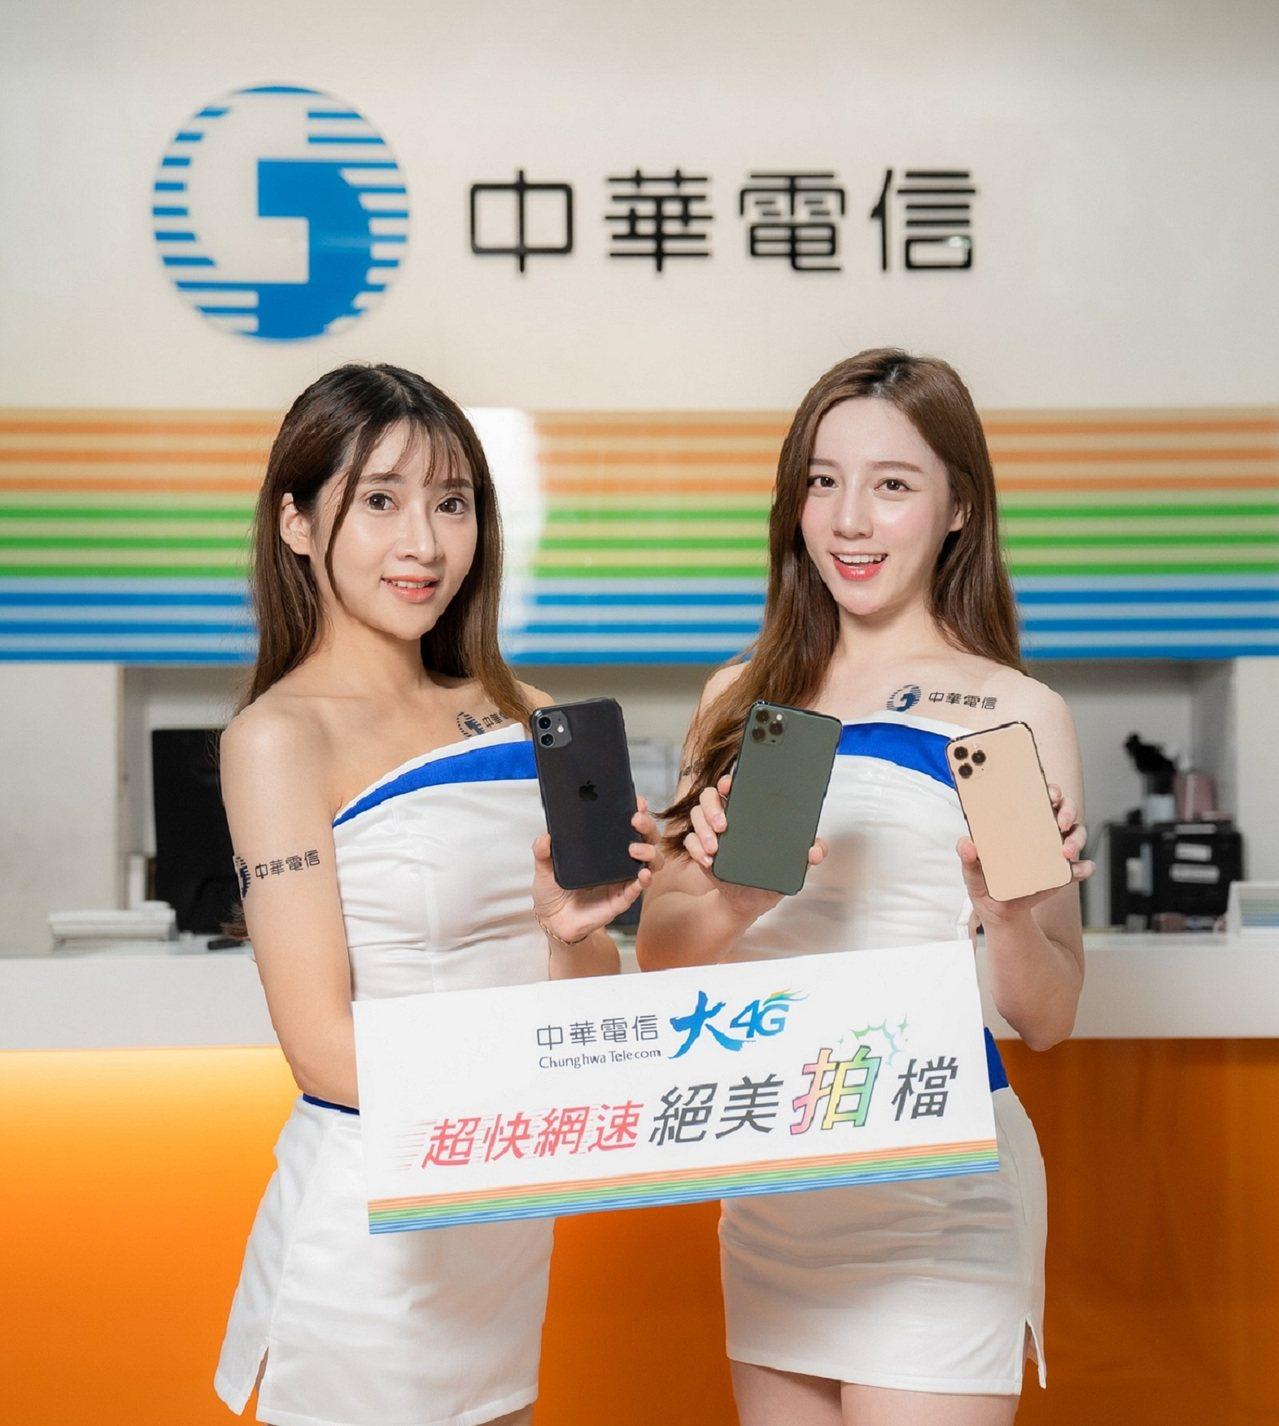 中華電統計開賣首日iPhone 11 Pro系列銷售量近6成。(圖:中華電提供)